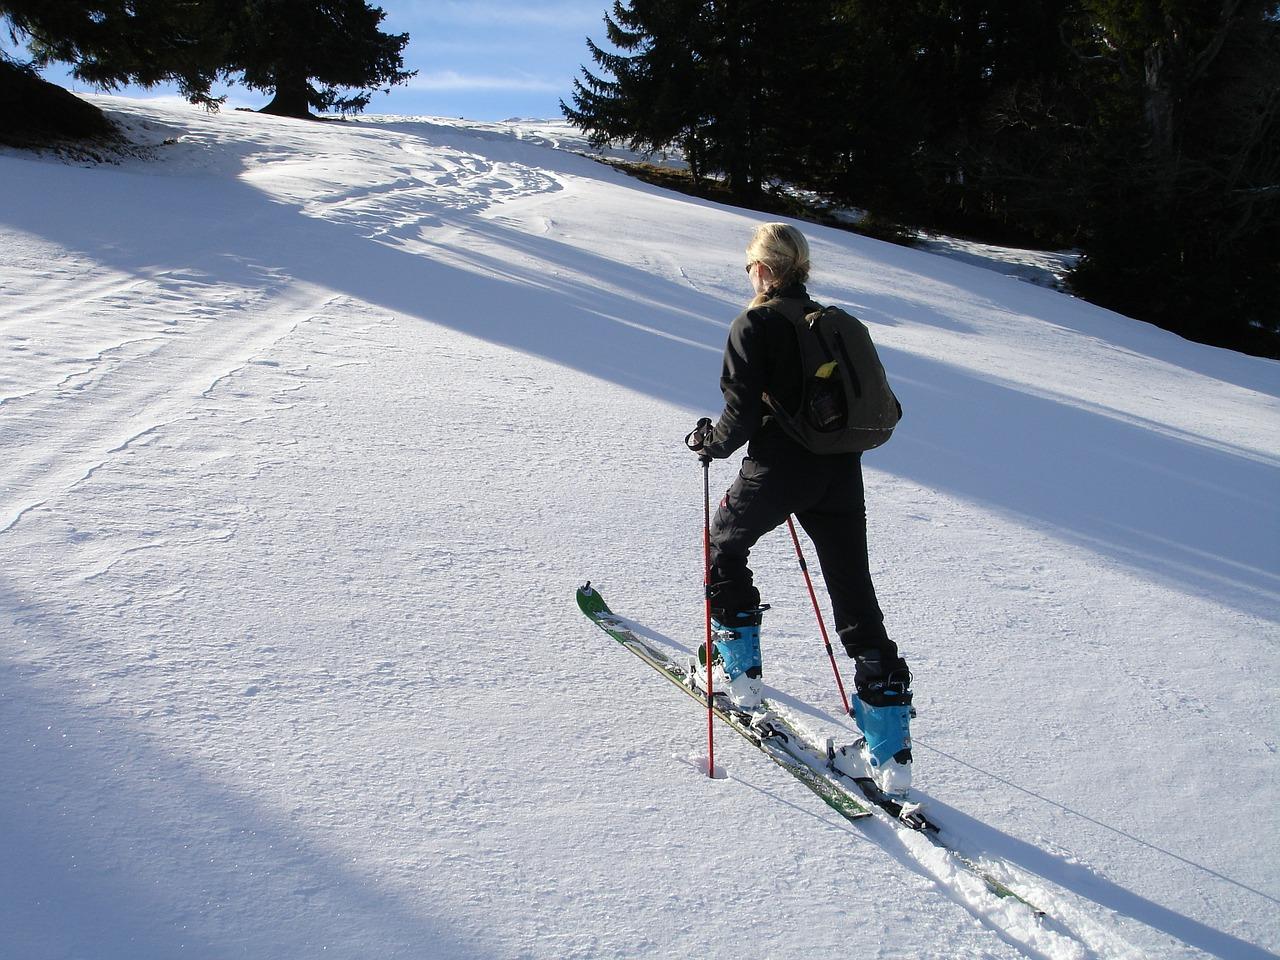 Être élégante sur la piste de ski